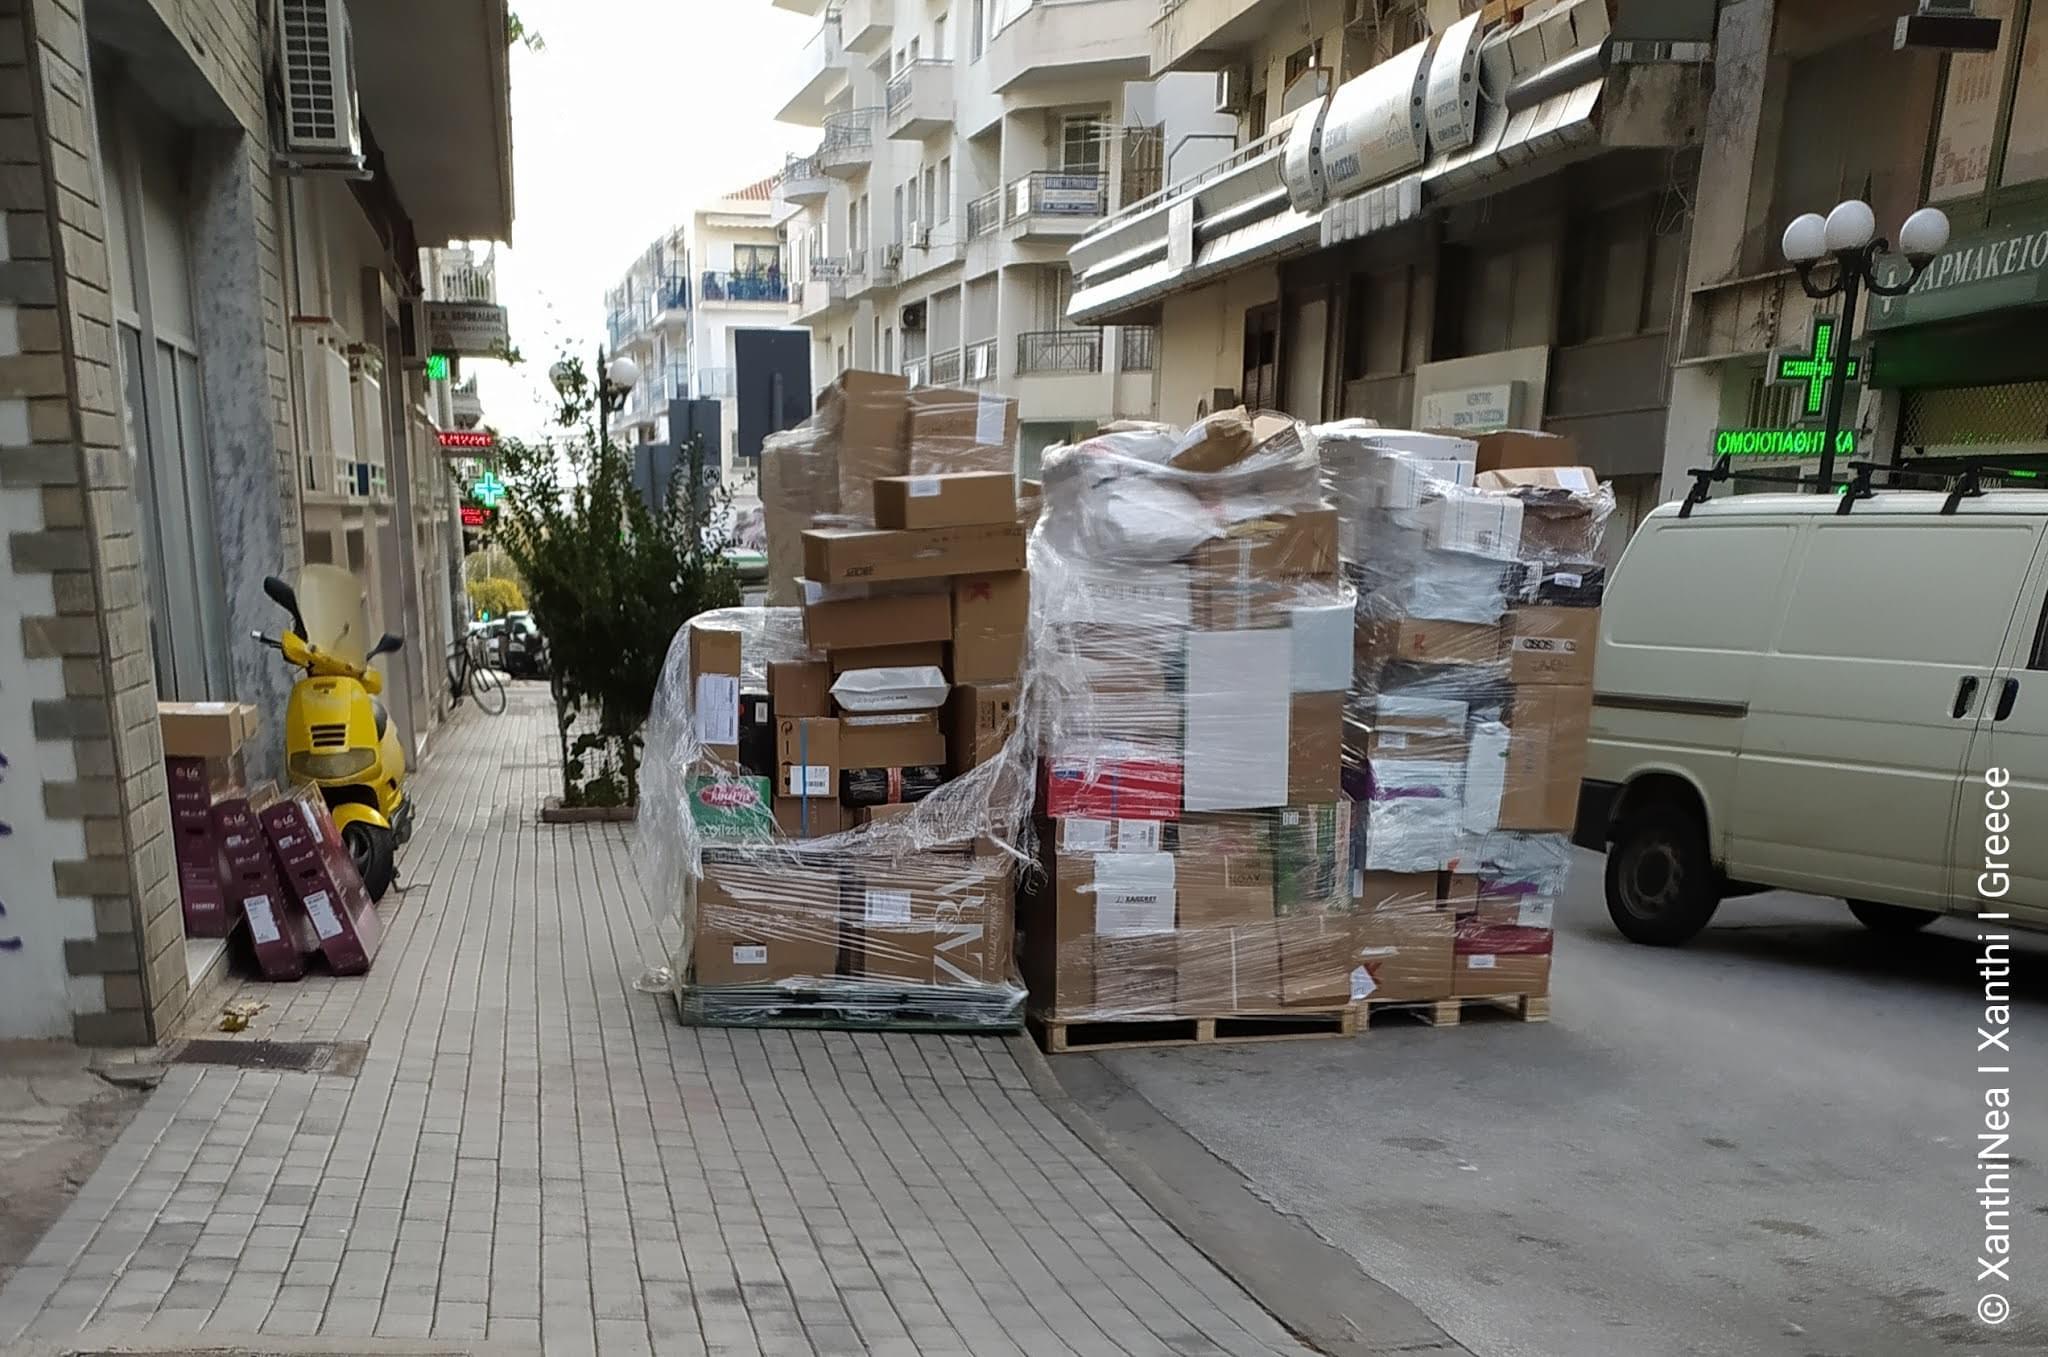 Απίστευτες καταγγελίες: «Bόμβα» για ACS, Speedex, ΕΛΤΑ, Γενική Ταχυδρομική